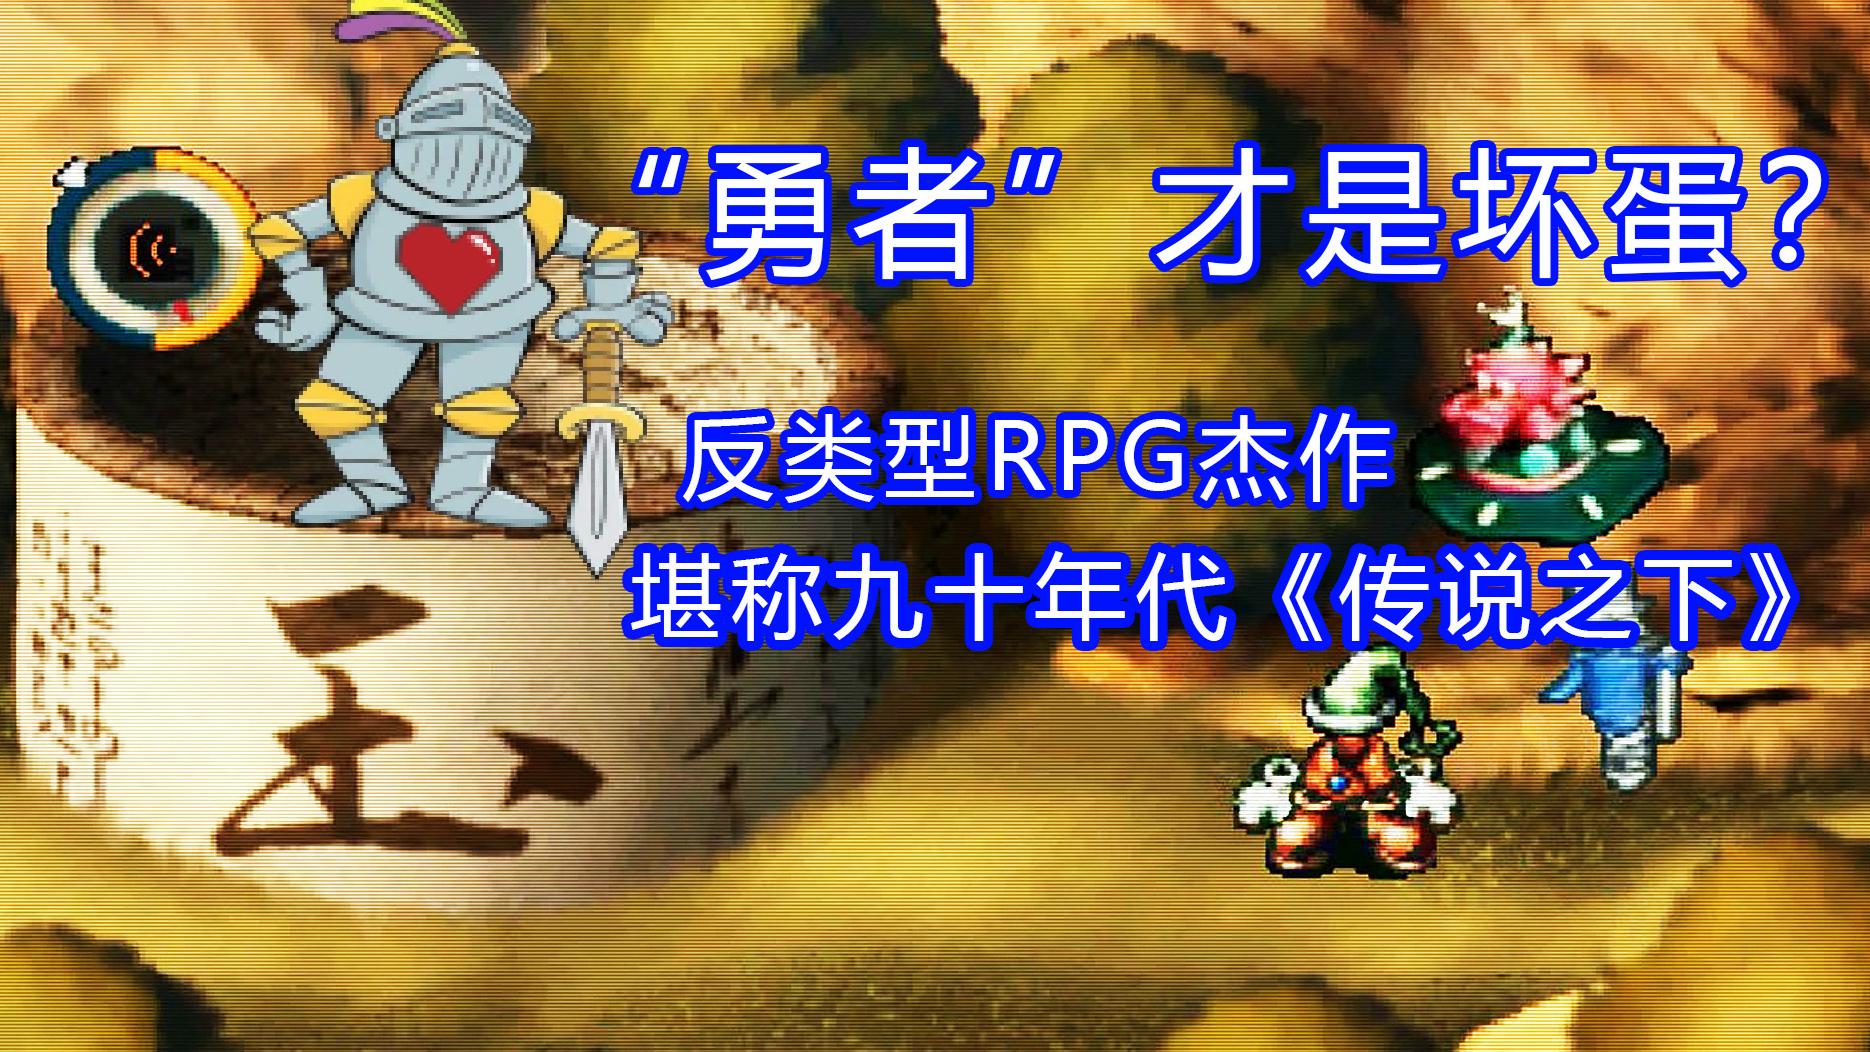 勇者才是恶棍?97年反类型RPG,已有【传说之下】影子